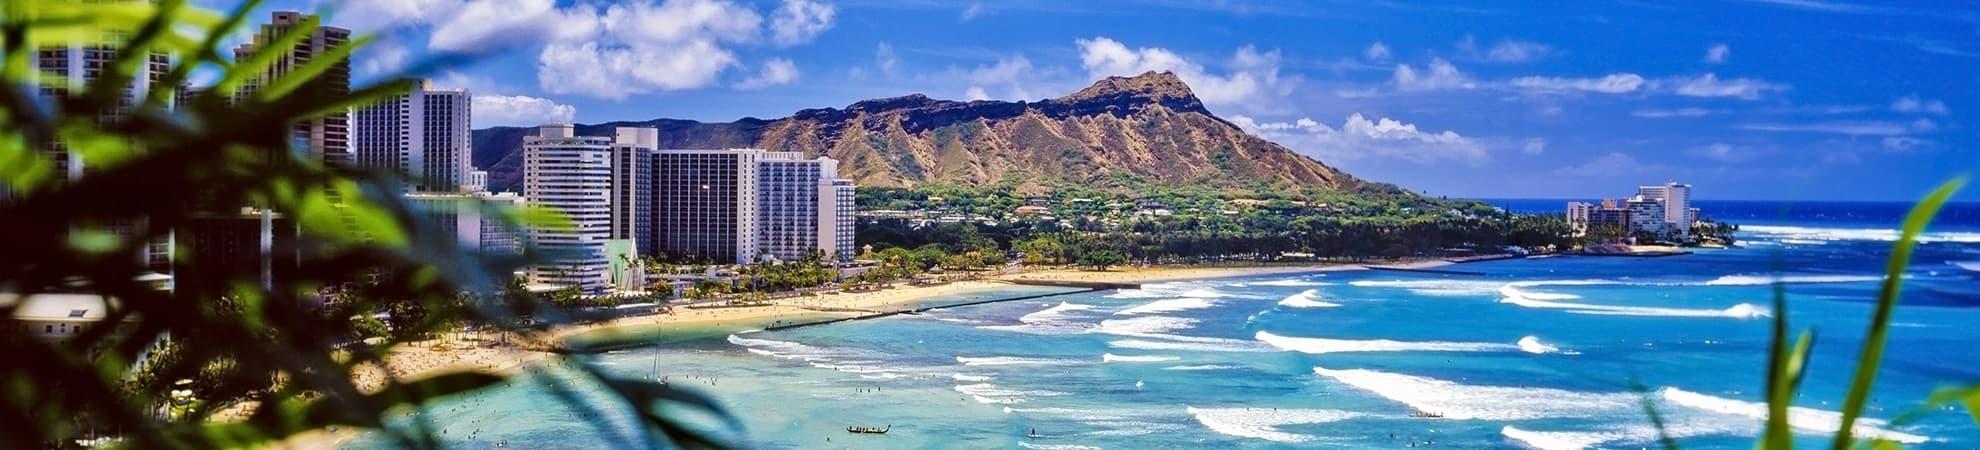 Voyage Hawaii aux Etats Unis